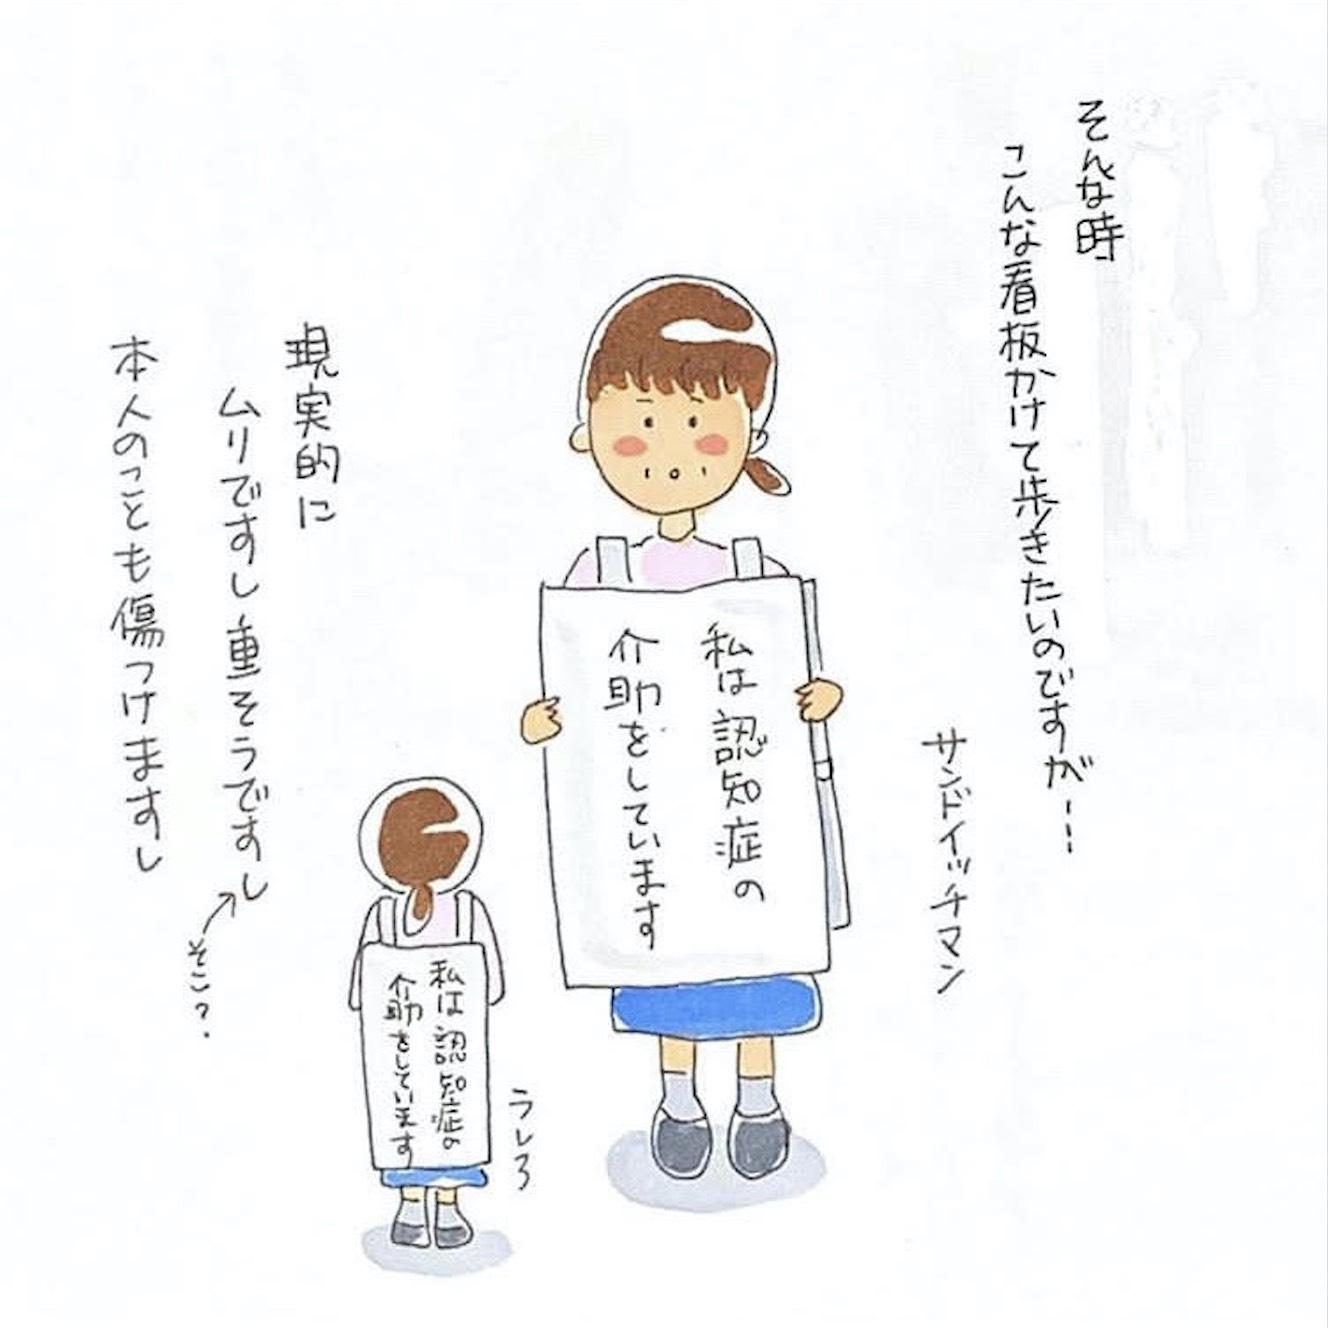 三丁目いちこさん_5